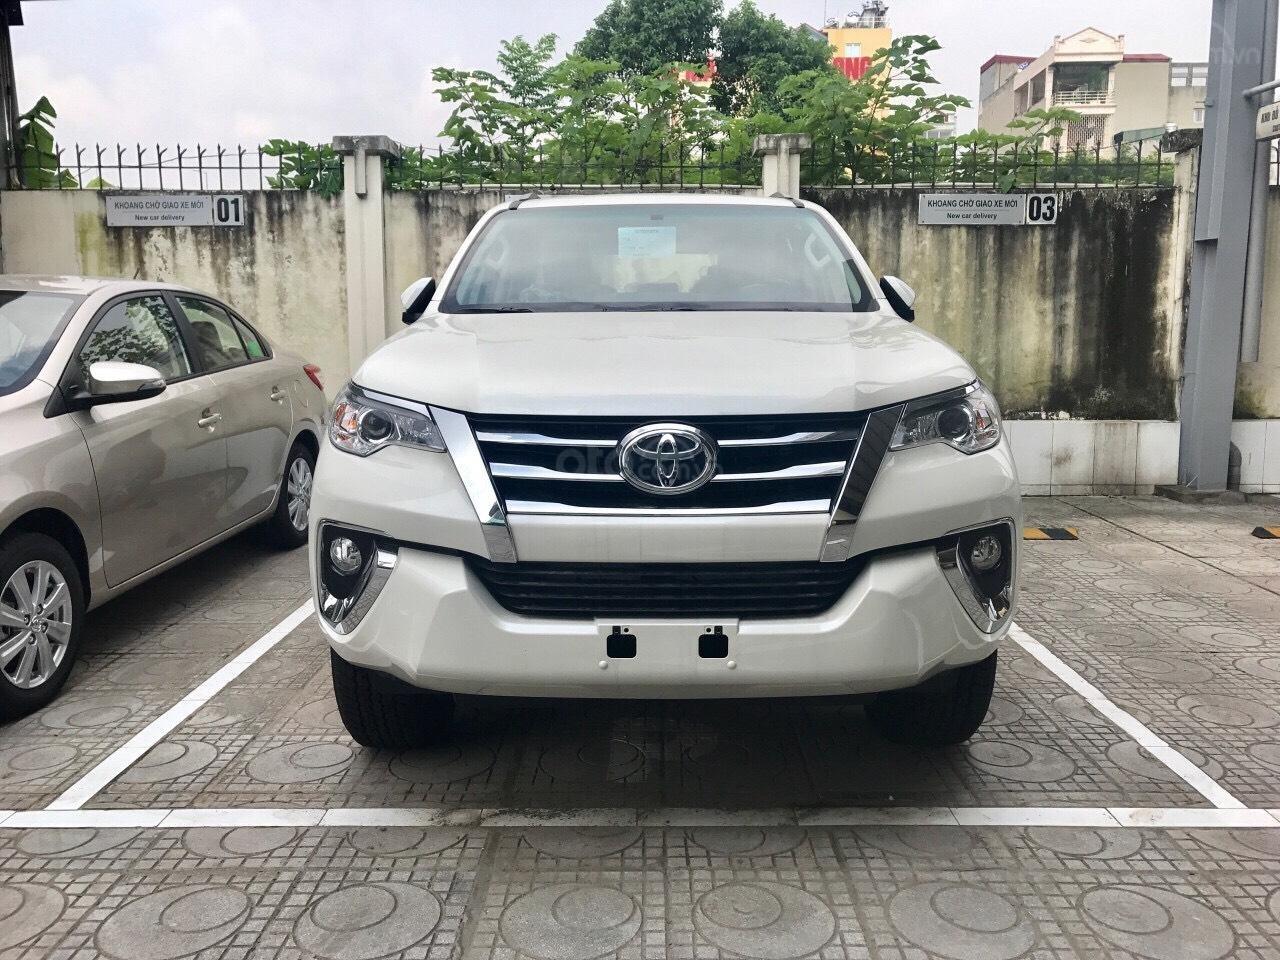 Bán xe Toyota Fortuner máy dầu số tự động 2019, hỗ trợ ngân hàng 90%. LH: 084.765.5555 (2)